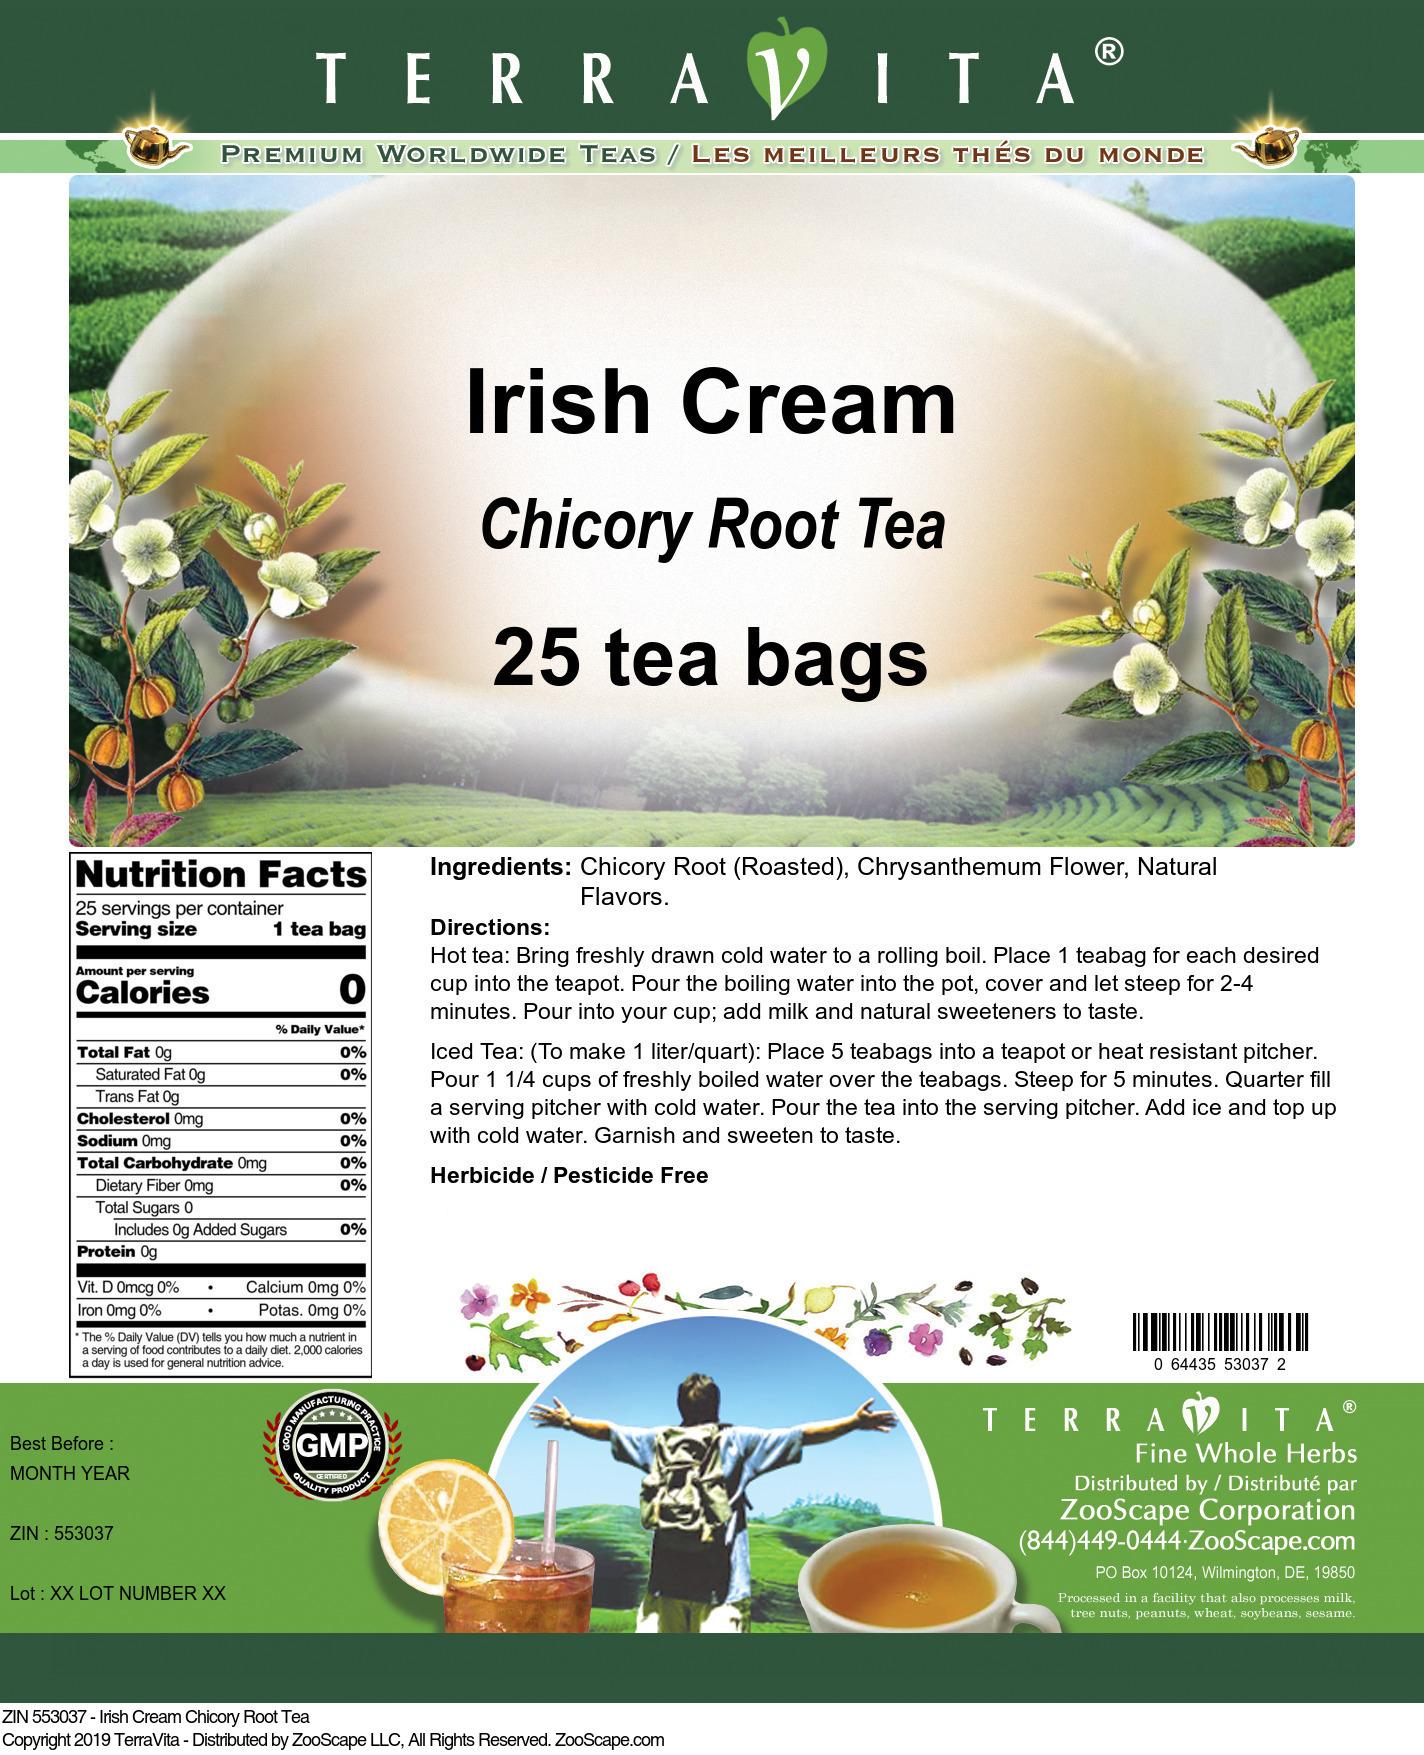 Irish Cream Chicory Root